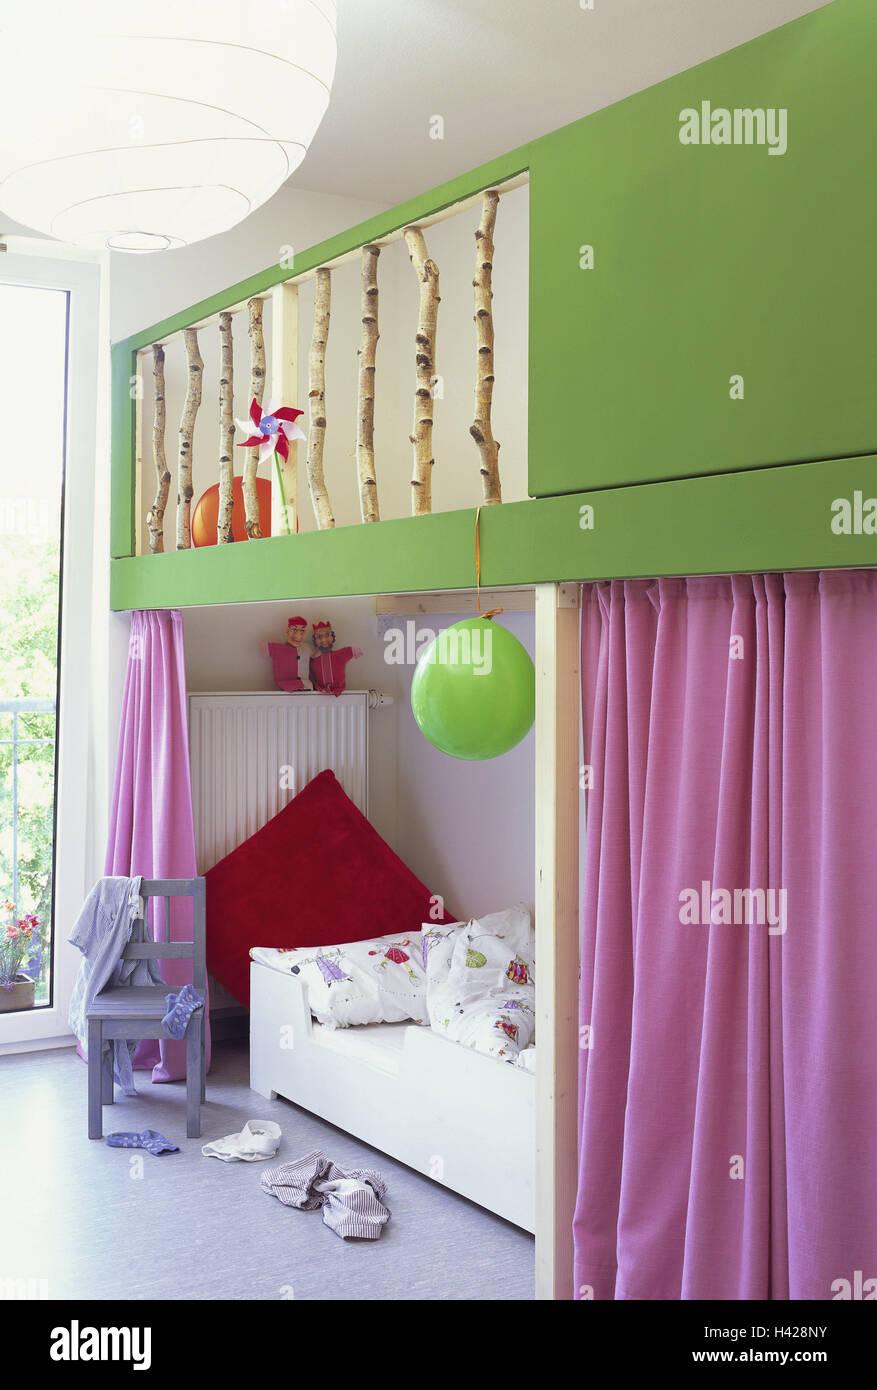 Kinderzimmer, Bett, Stuhl, Zimmer, Mädchenzimmer, Schlaf-Fach ...